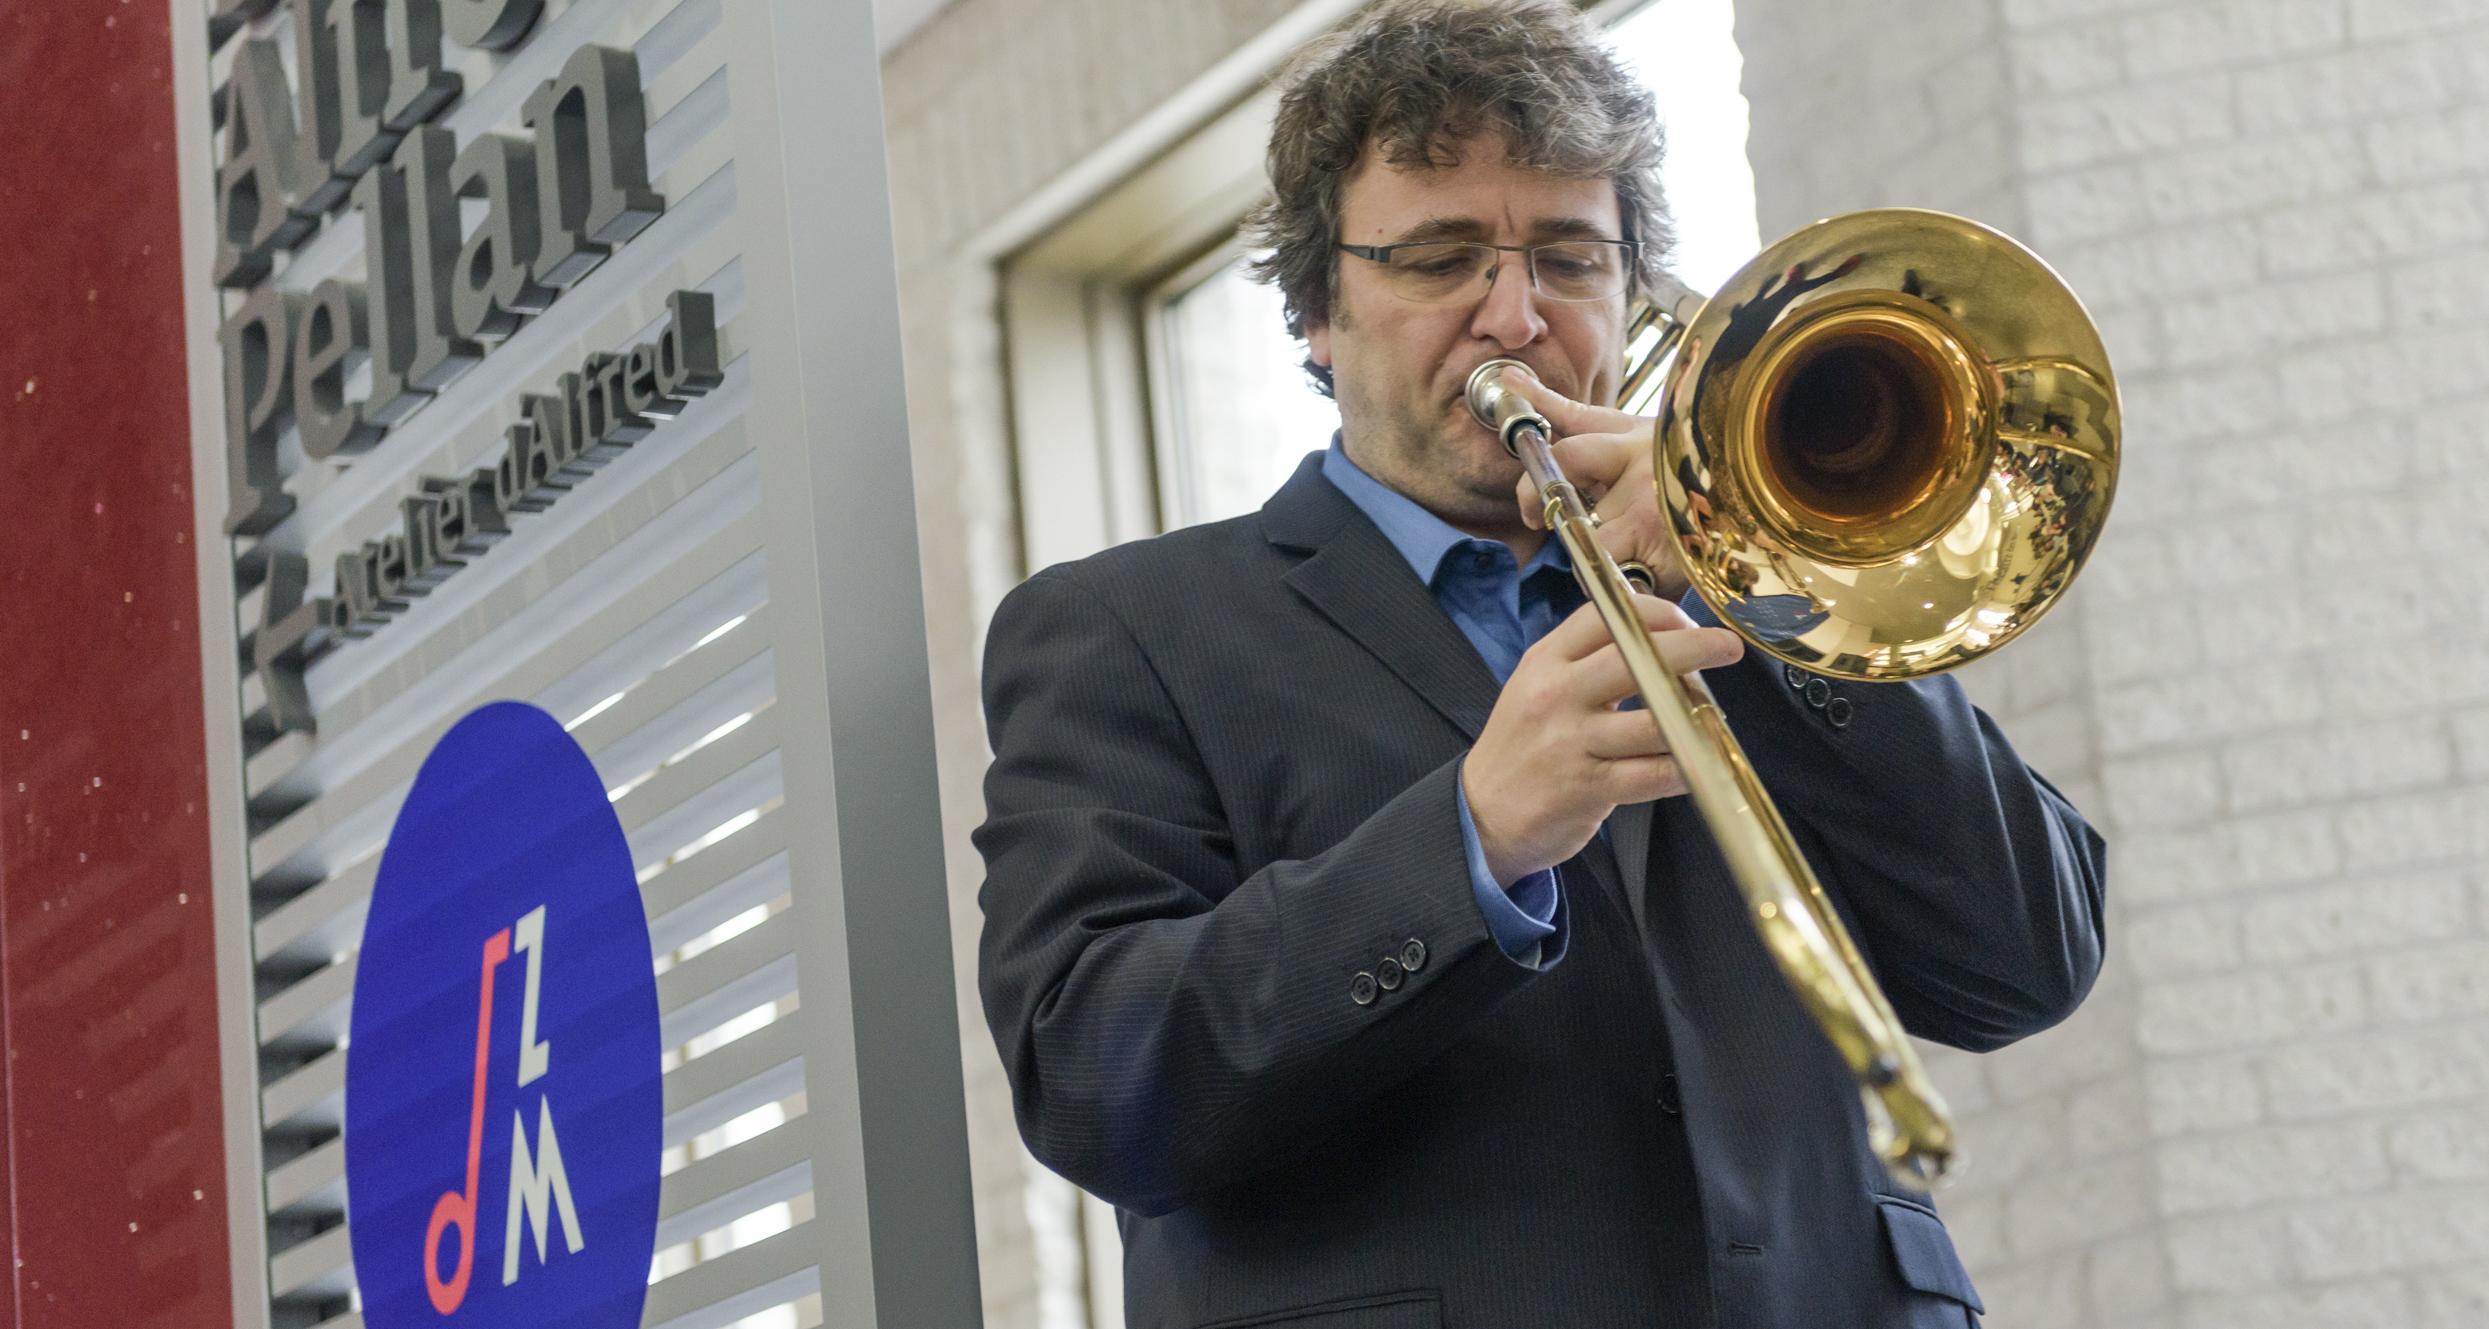 Nouvel évènement culturel à Laval : les Zones musicales